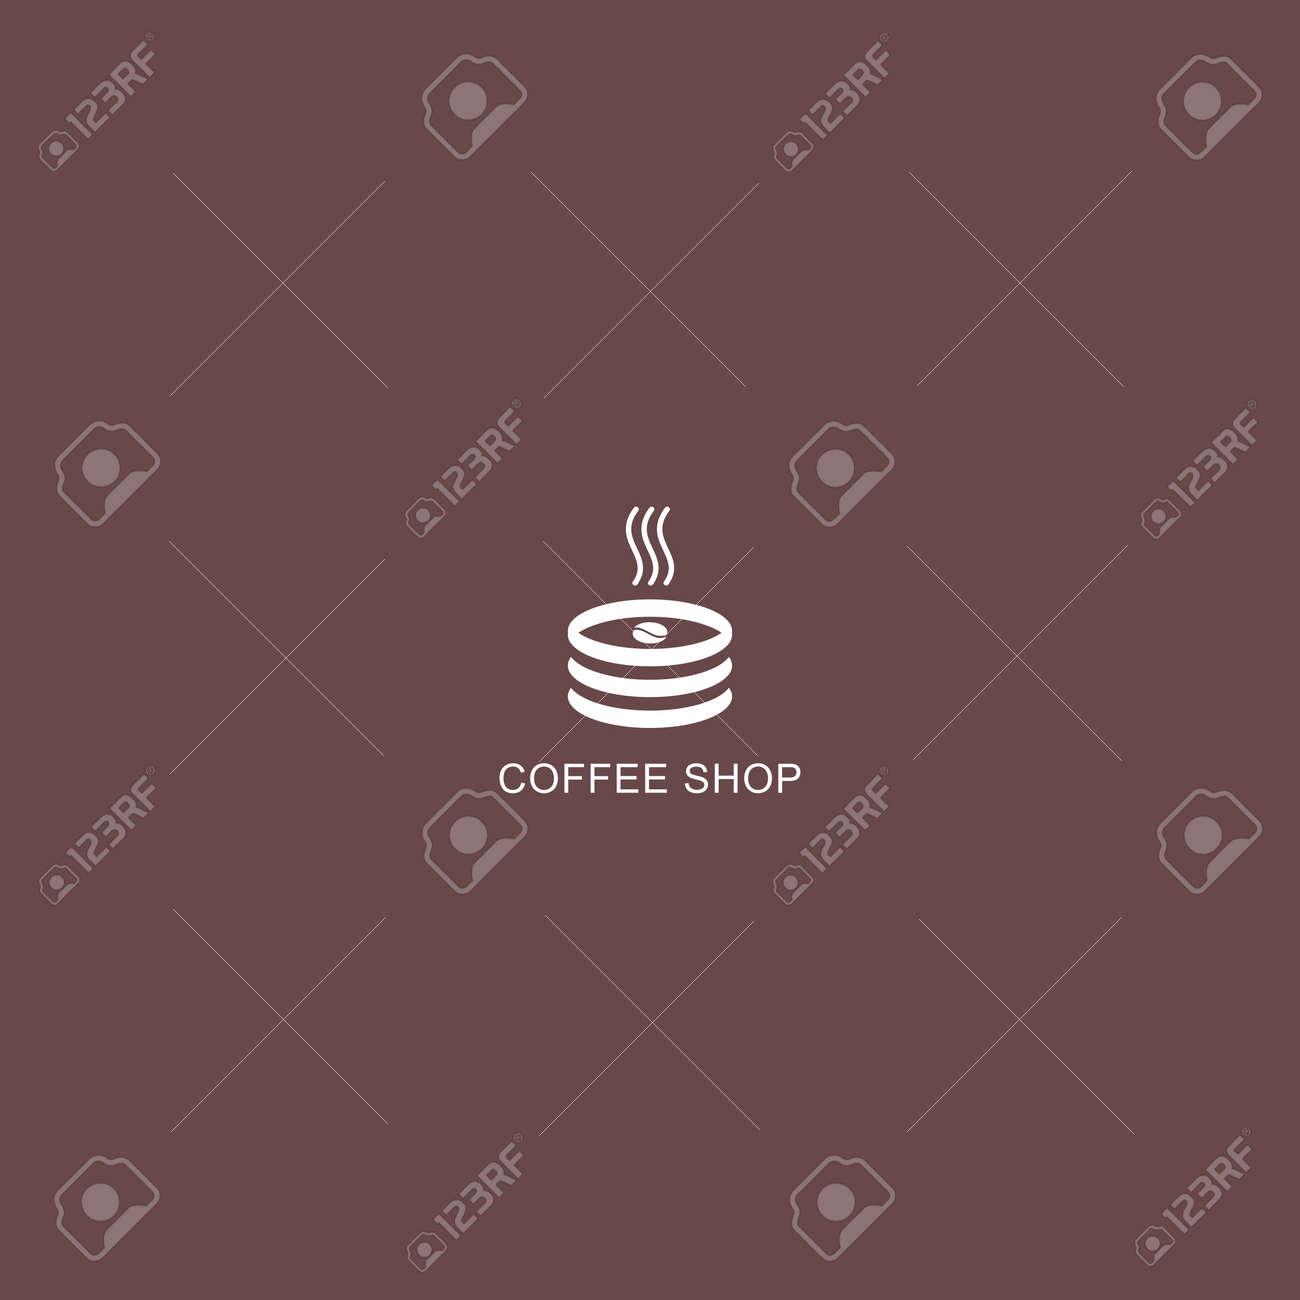 Coffee Shop Logo Simple Natural Home Logo Design Cafe Or Restaurant Logo Coffee And Tea Shop For Business Ilustraciones Vectoriales Clip Art Vectorizado Libre De Derechos Image 153251123